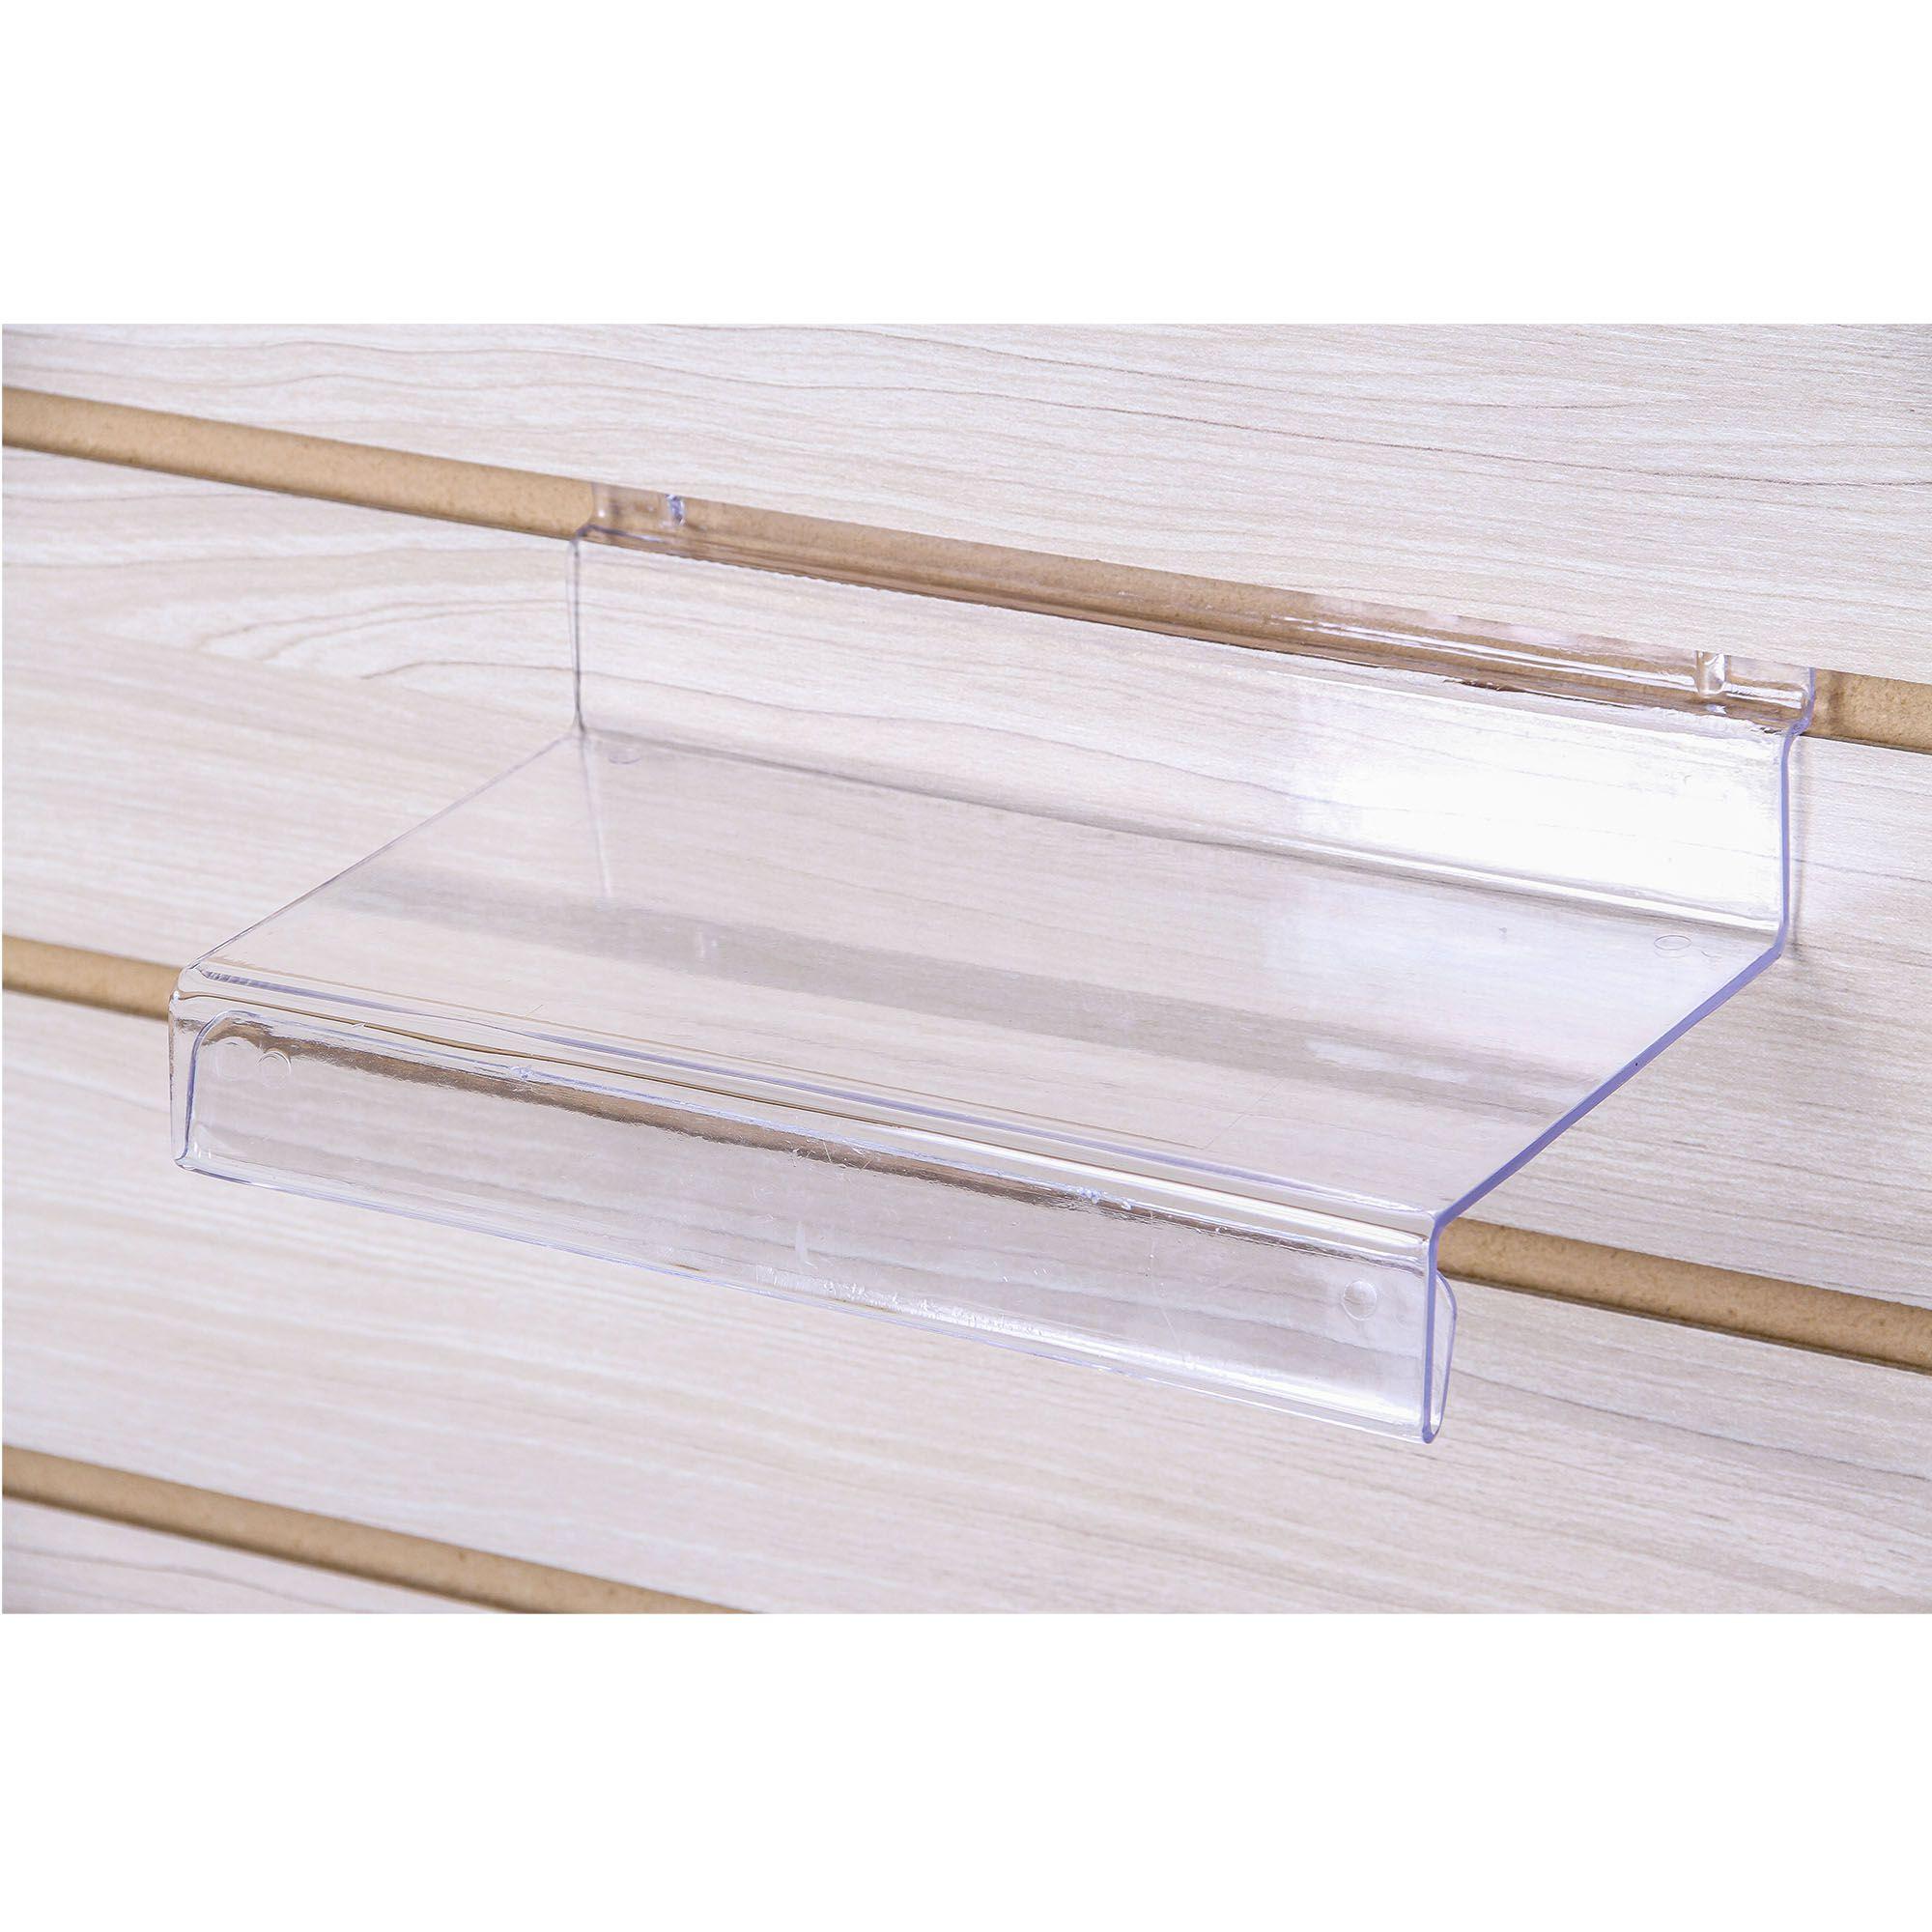 Plataforma Calçado Adulto Transparente para Painel Canaletado